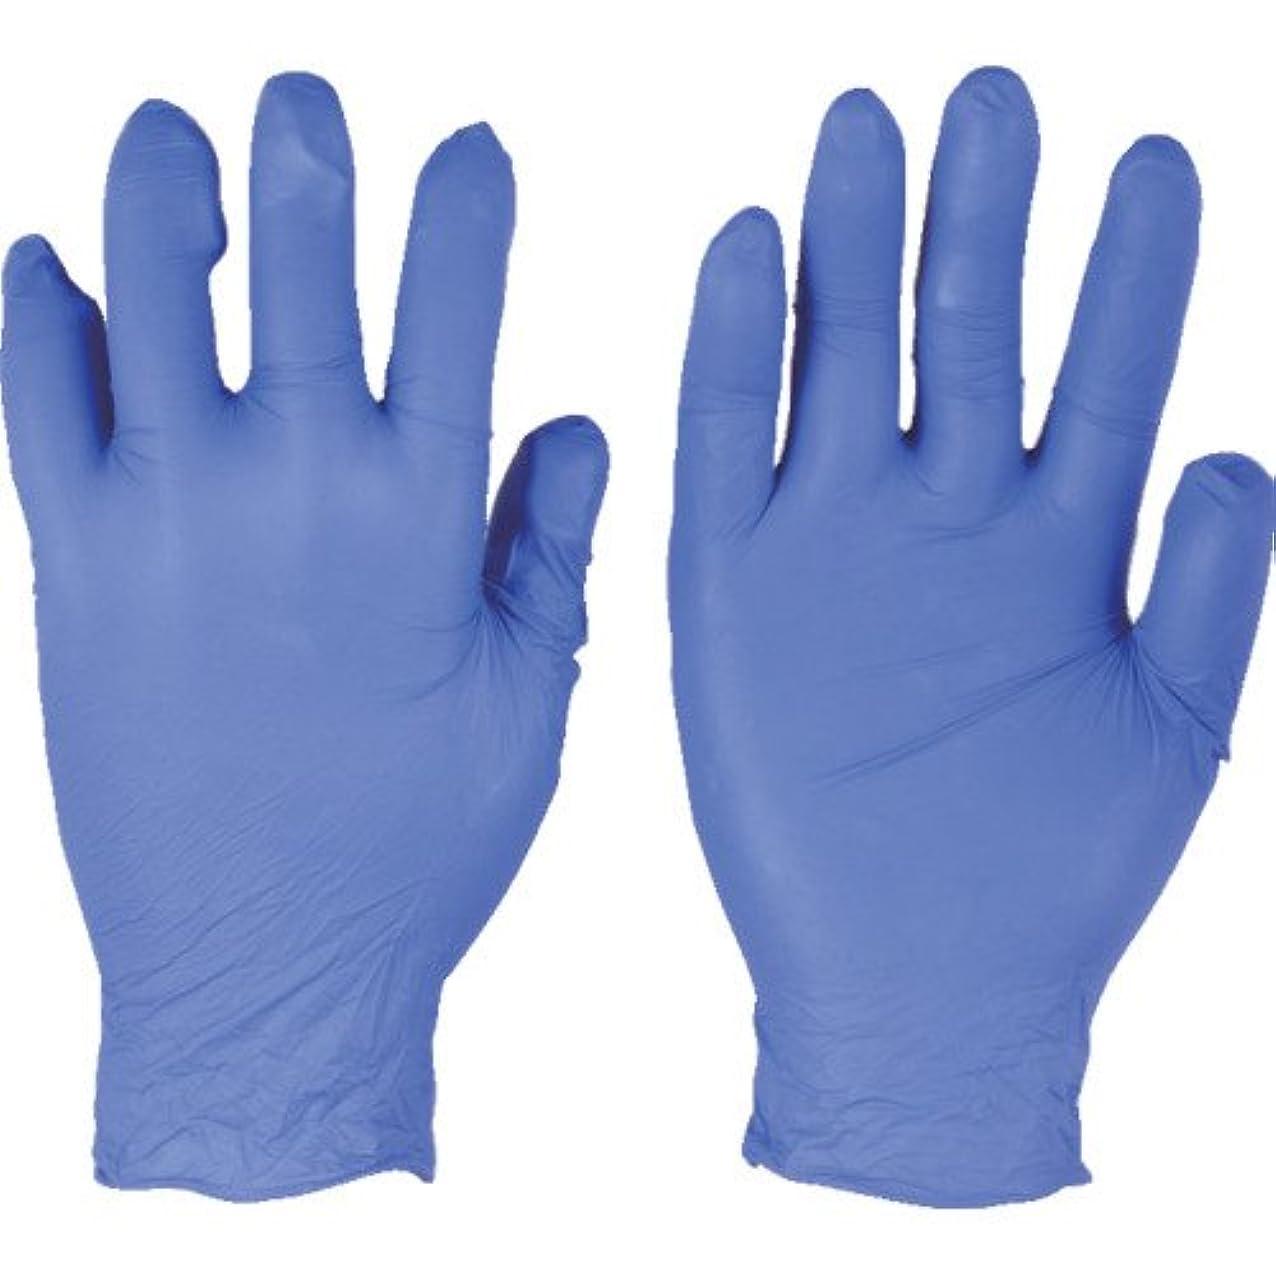 冒険者直径隣接するトラスコ中山 アンセル ニトリルゴム使い捨て手袋 エッジ 82-133 XLサイズ(250枚入)   8213310